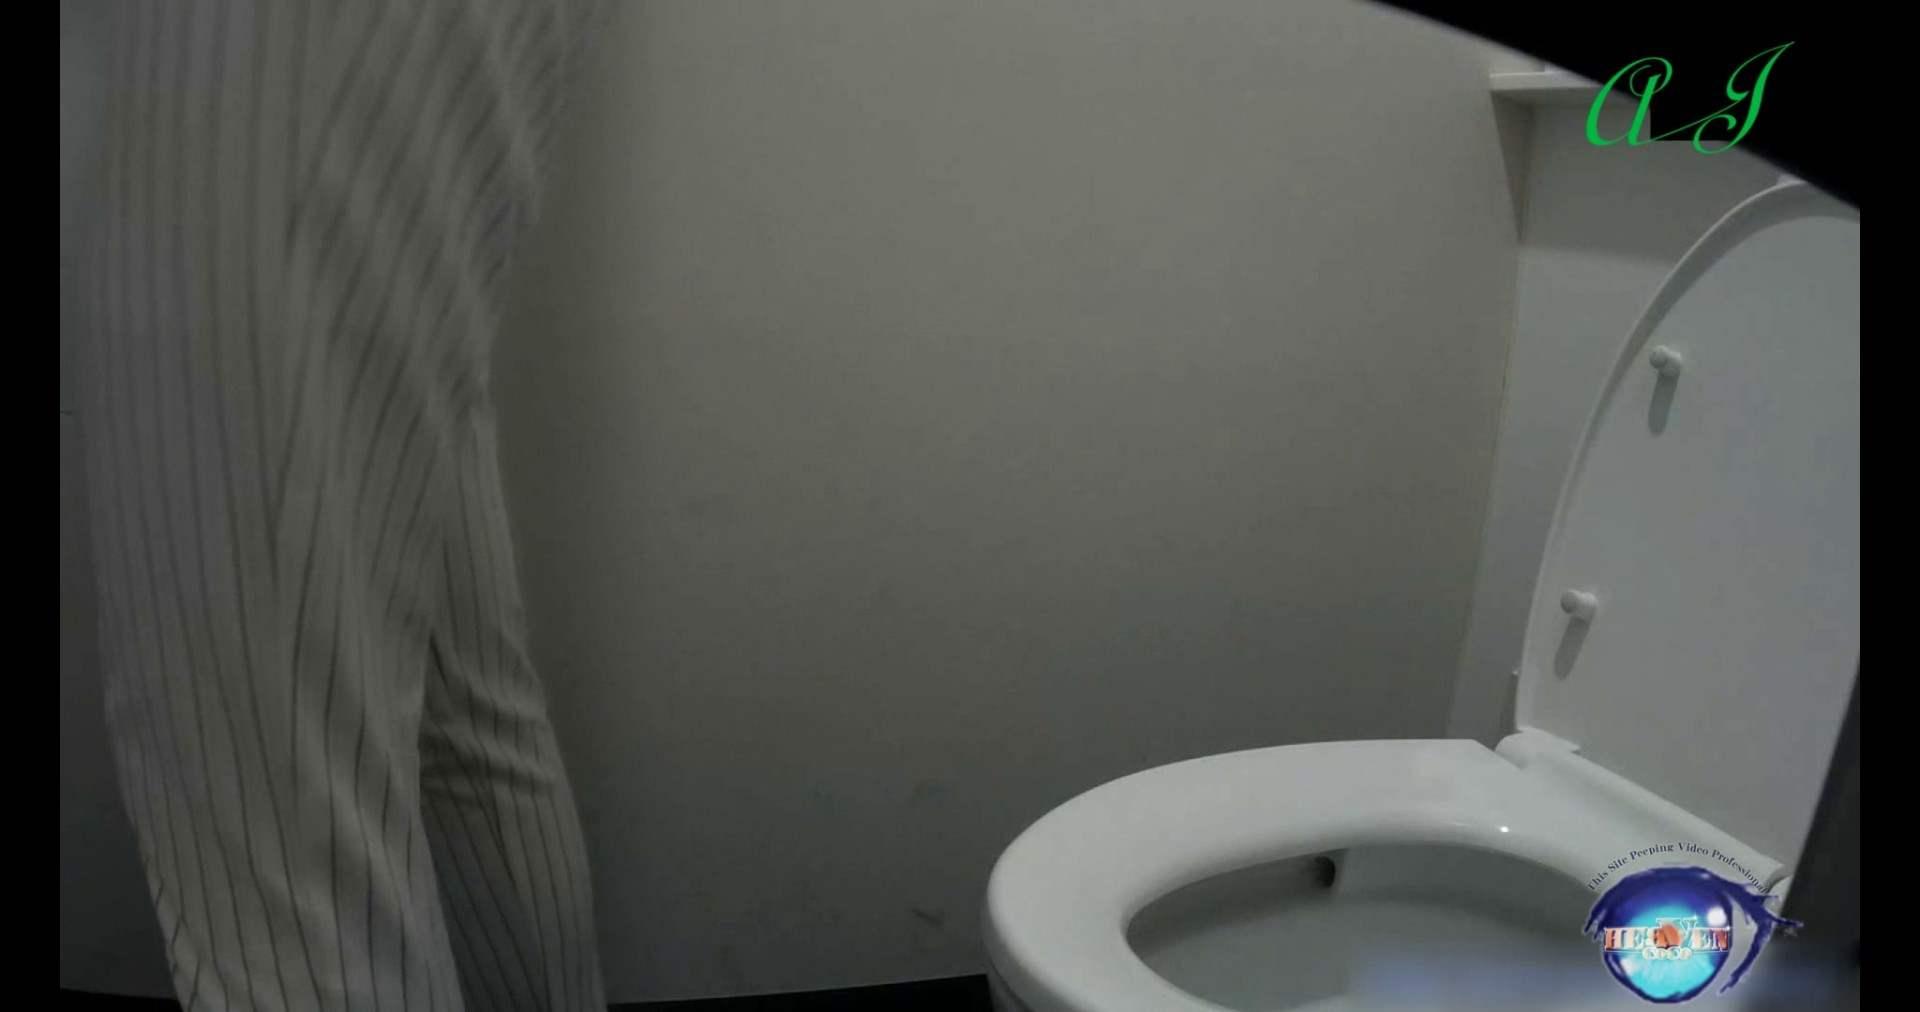 素敵なパンストお姉さん 有名大学女性洗面所 vol.73 投稿 AV無料 56PICs 17